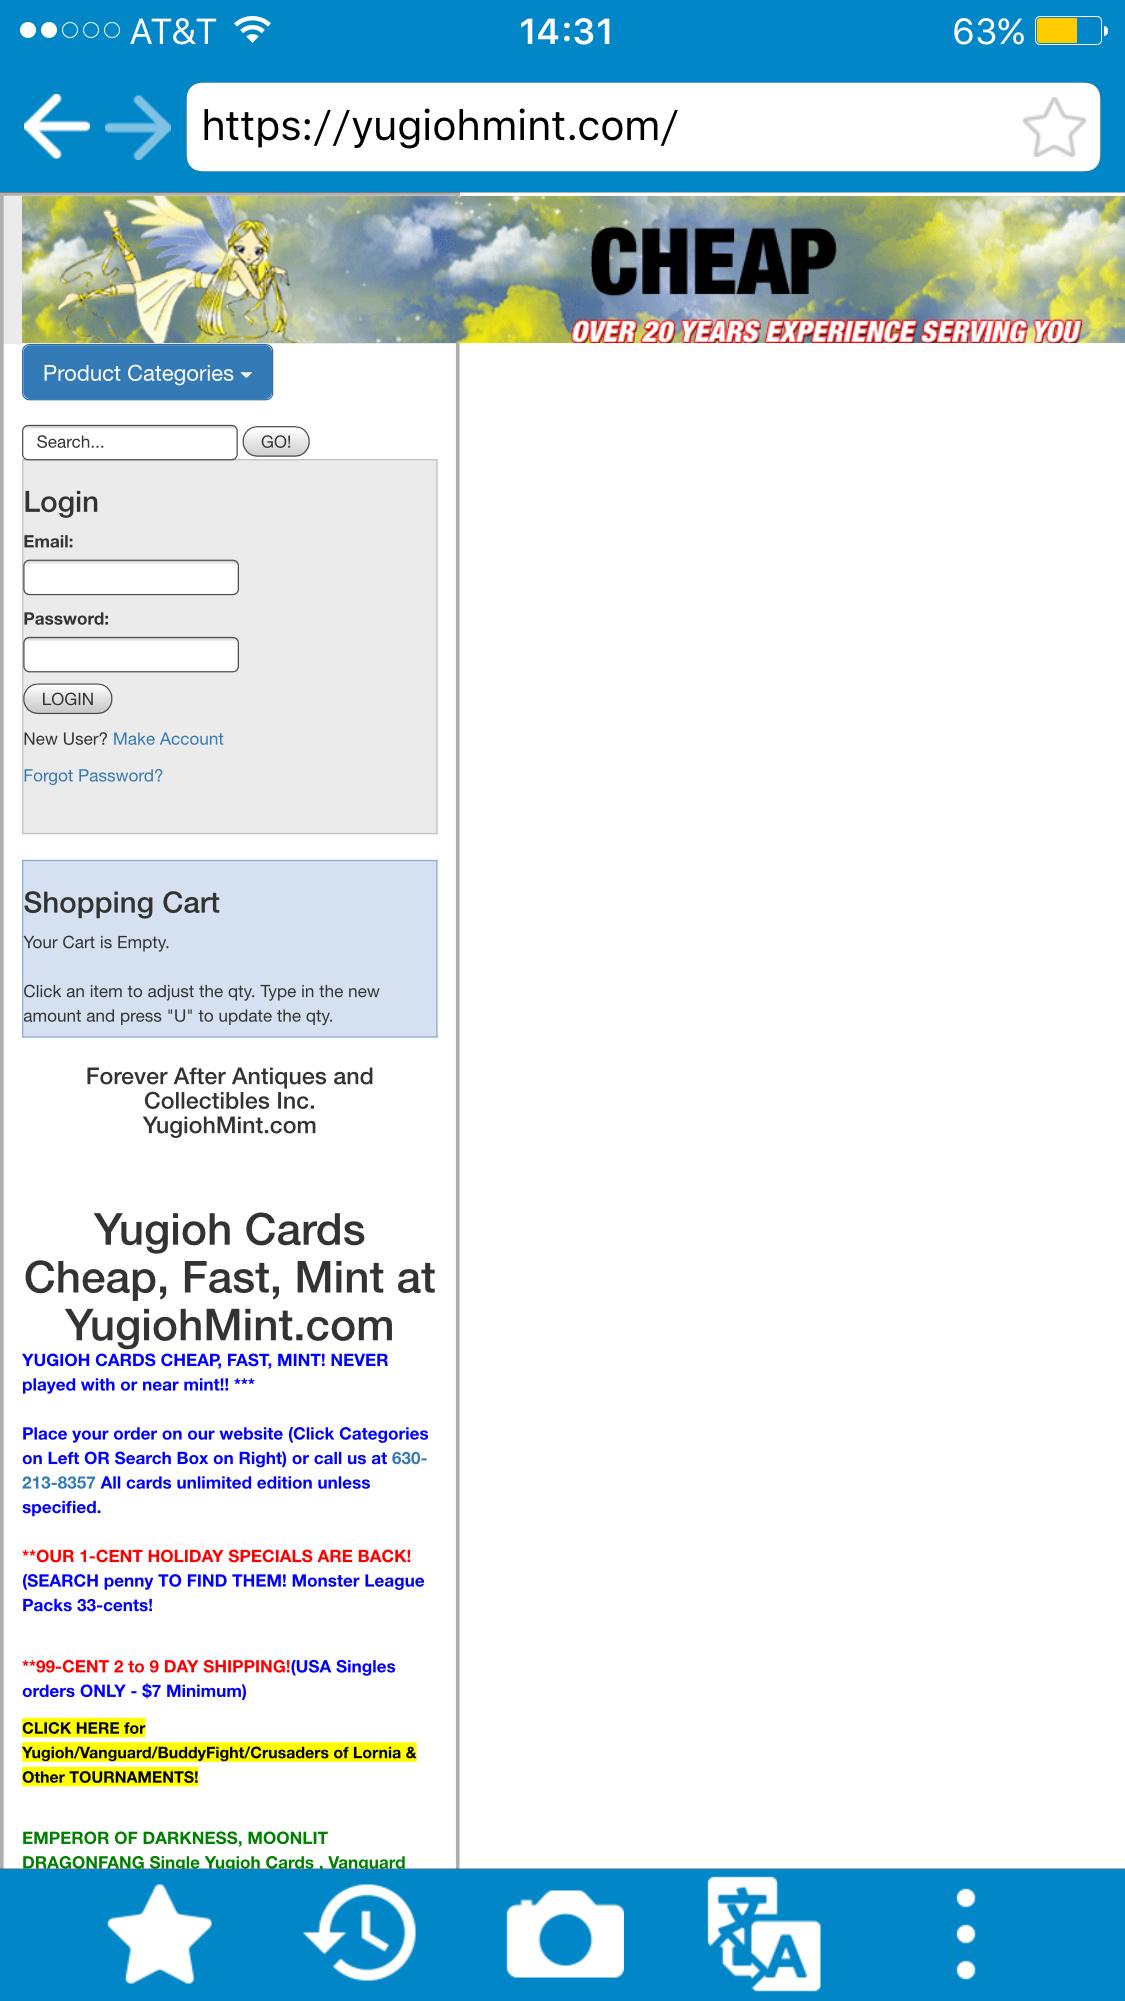 例えば、yugiohmint.com というサイトで、